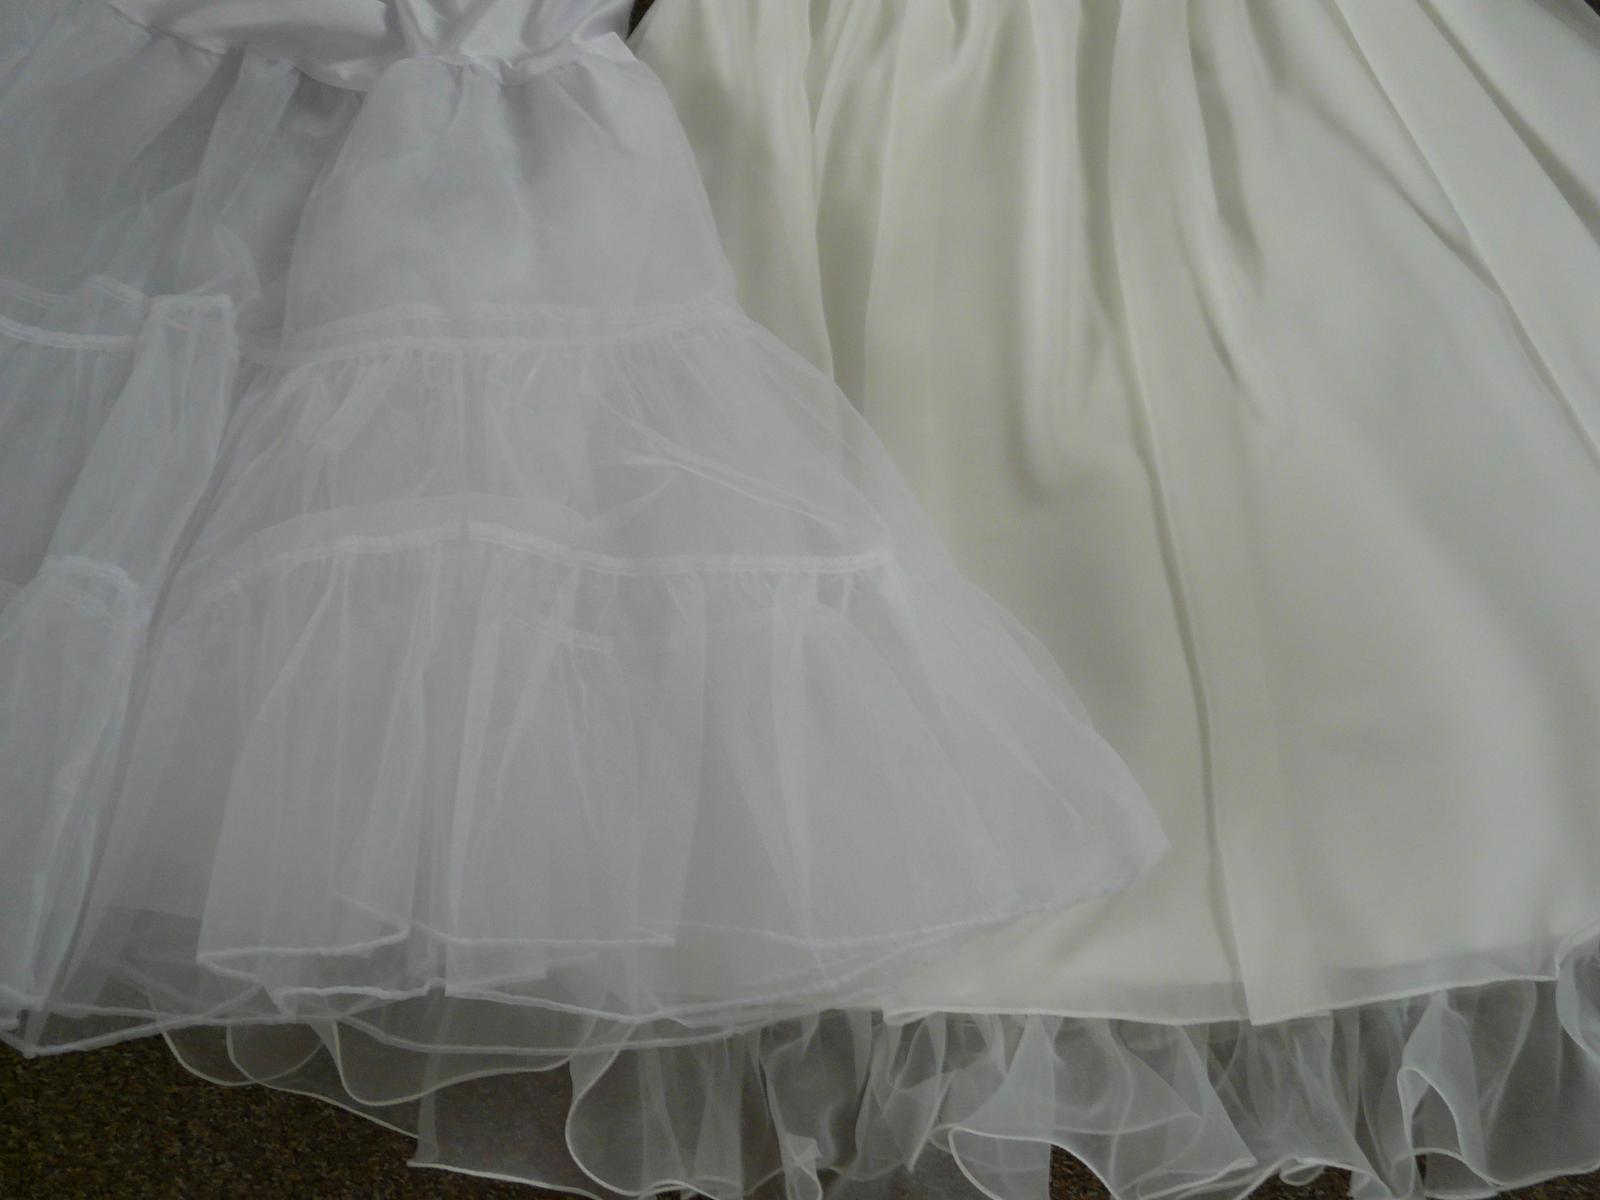 Ivory krátké svatební šaty, různé velikosti, reáln - Obrázek č. 4